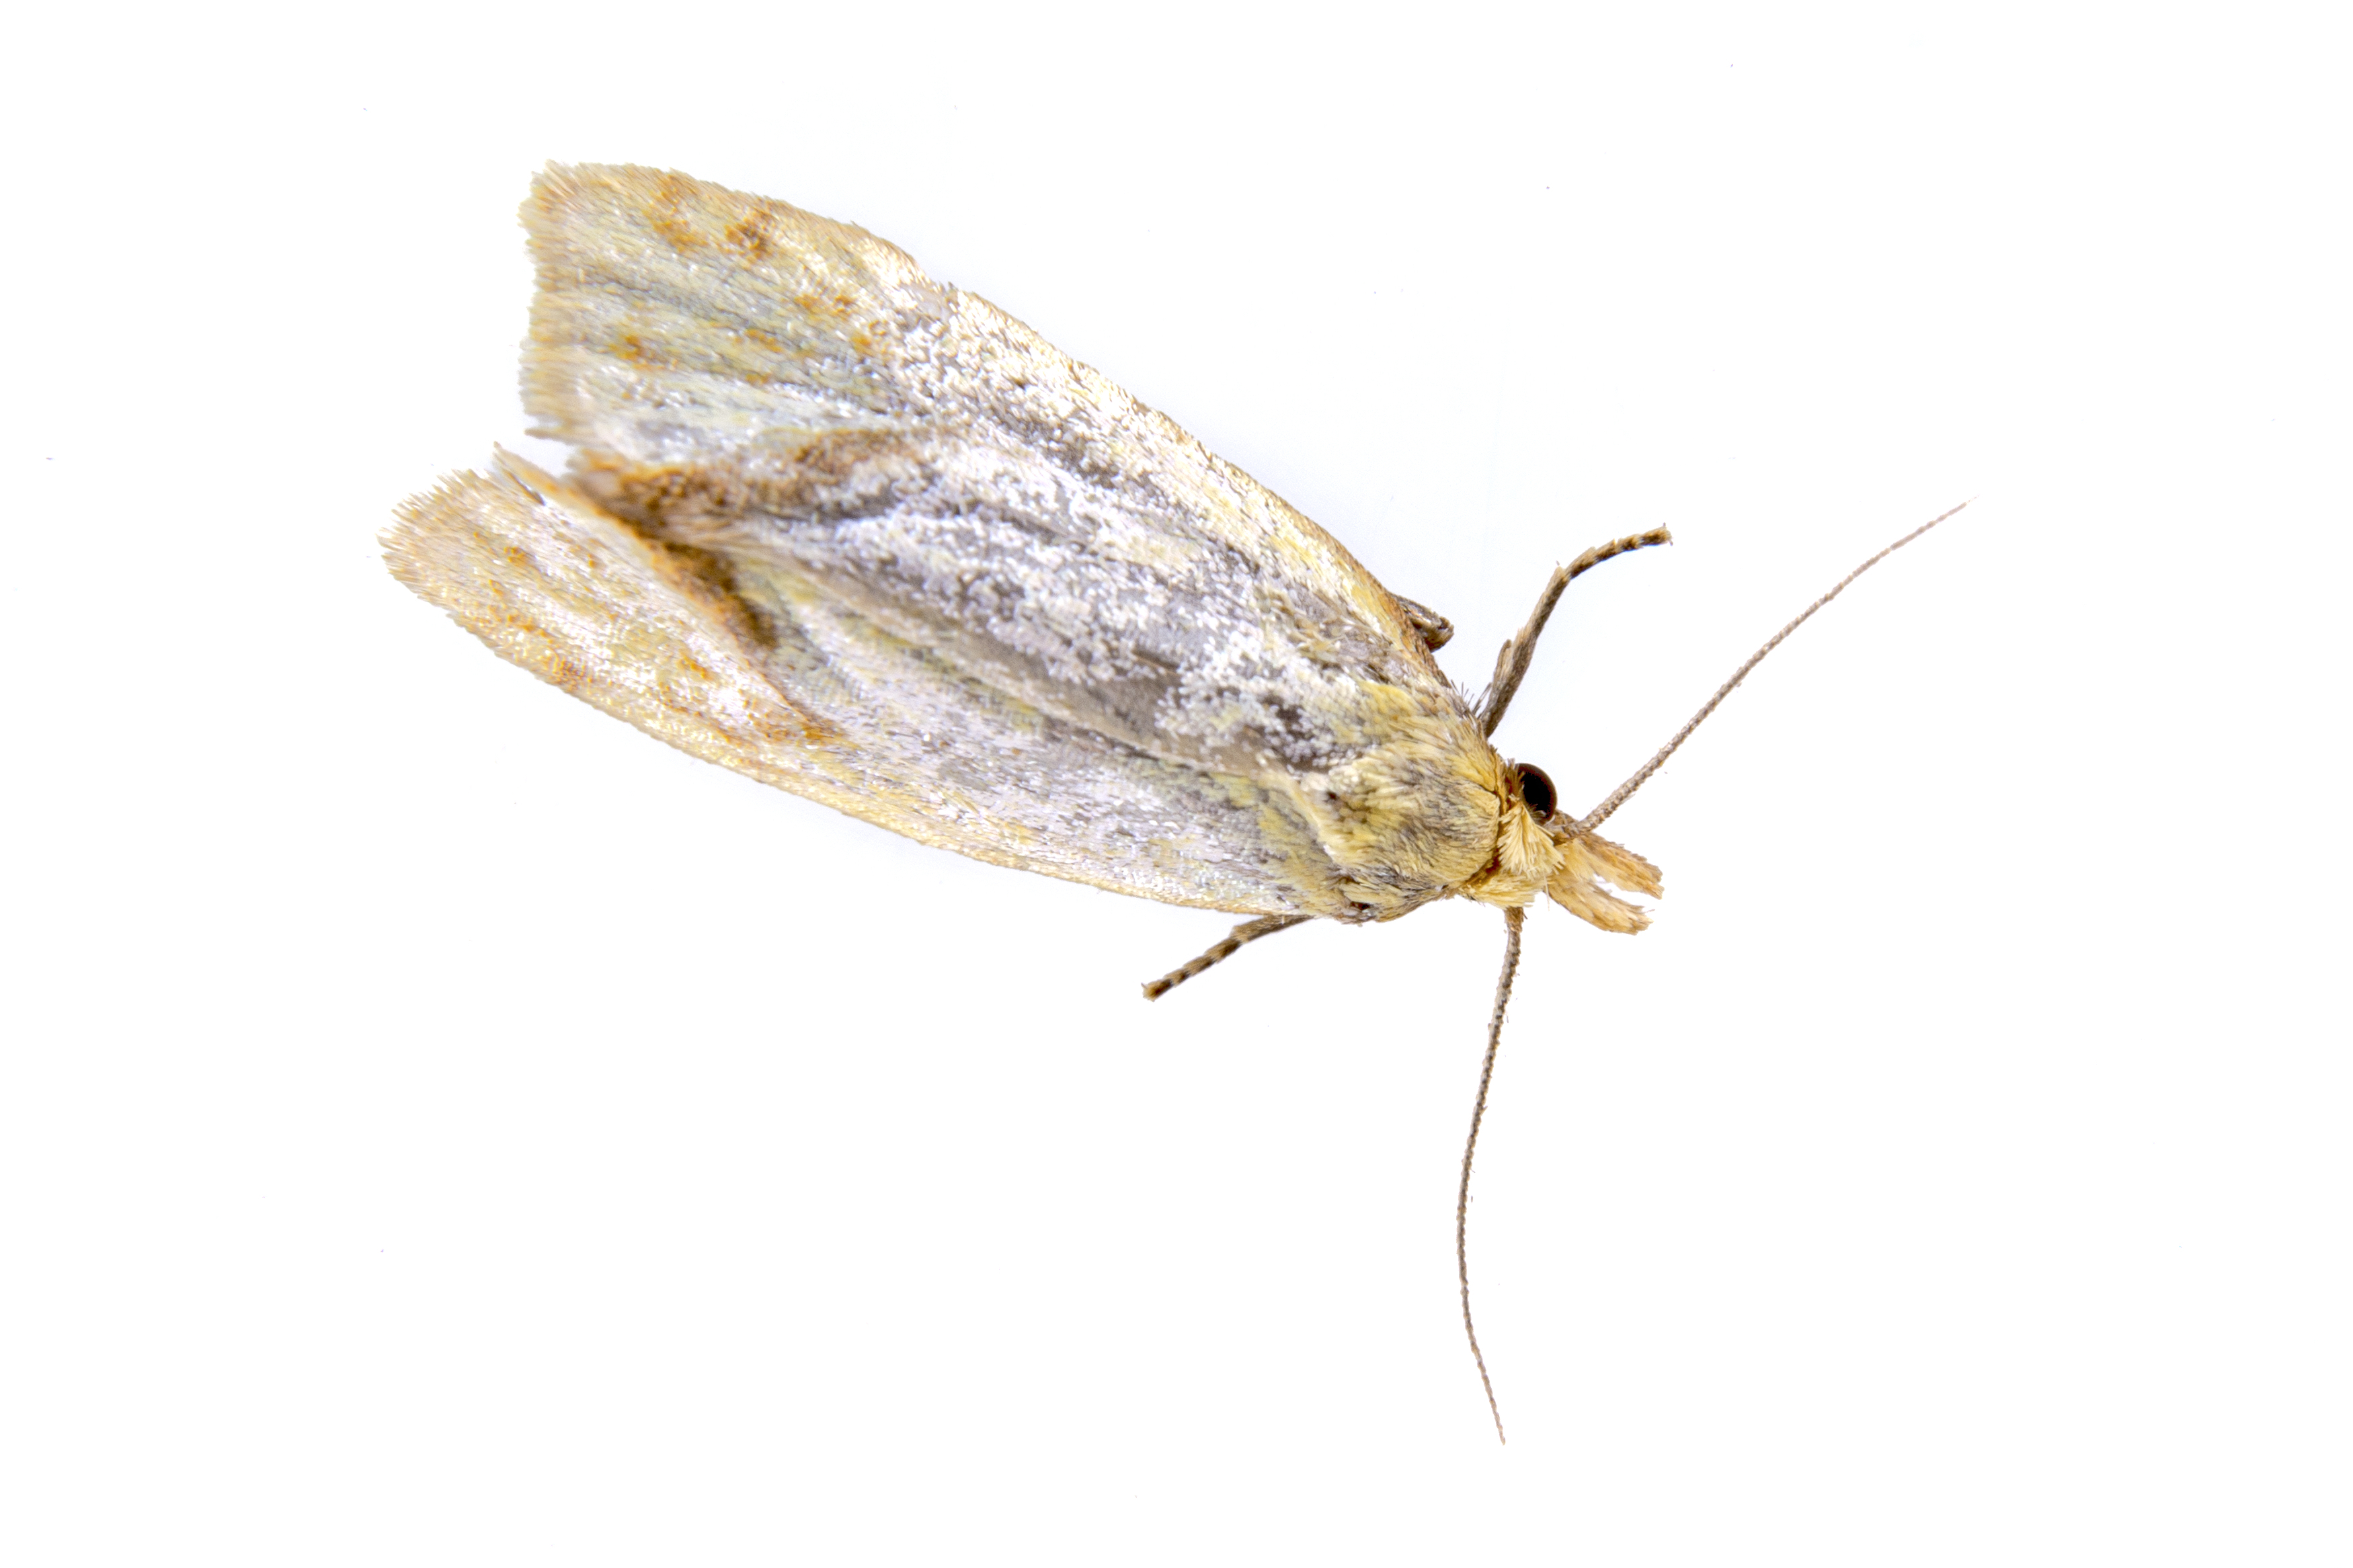 Klädesmal - Tineola bisselliella